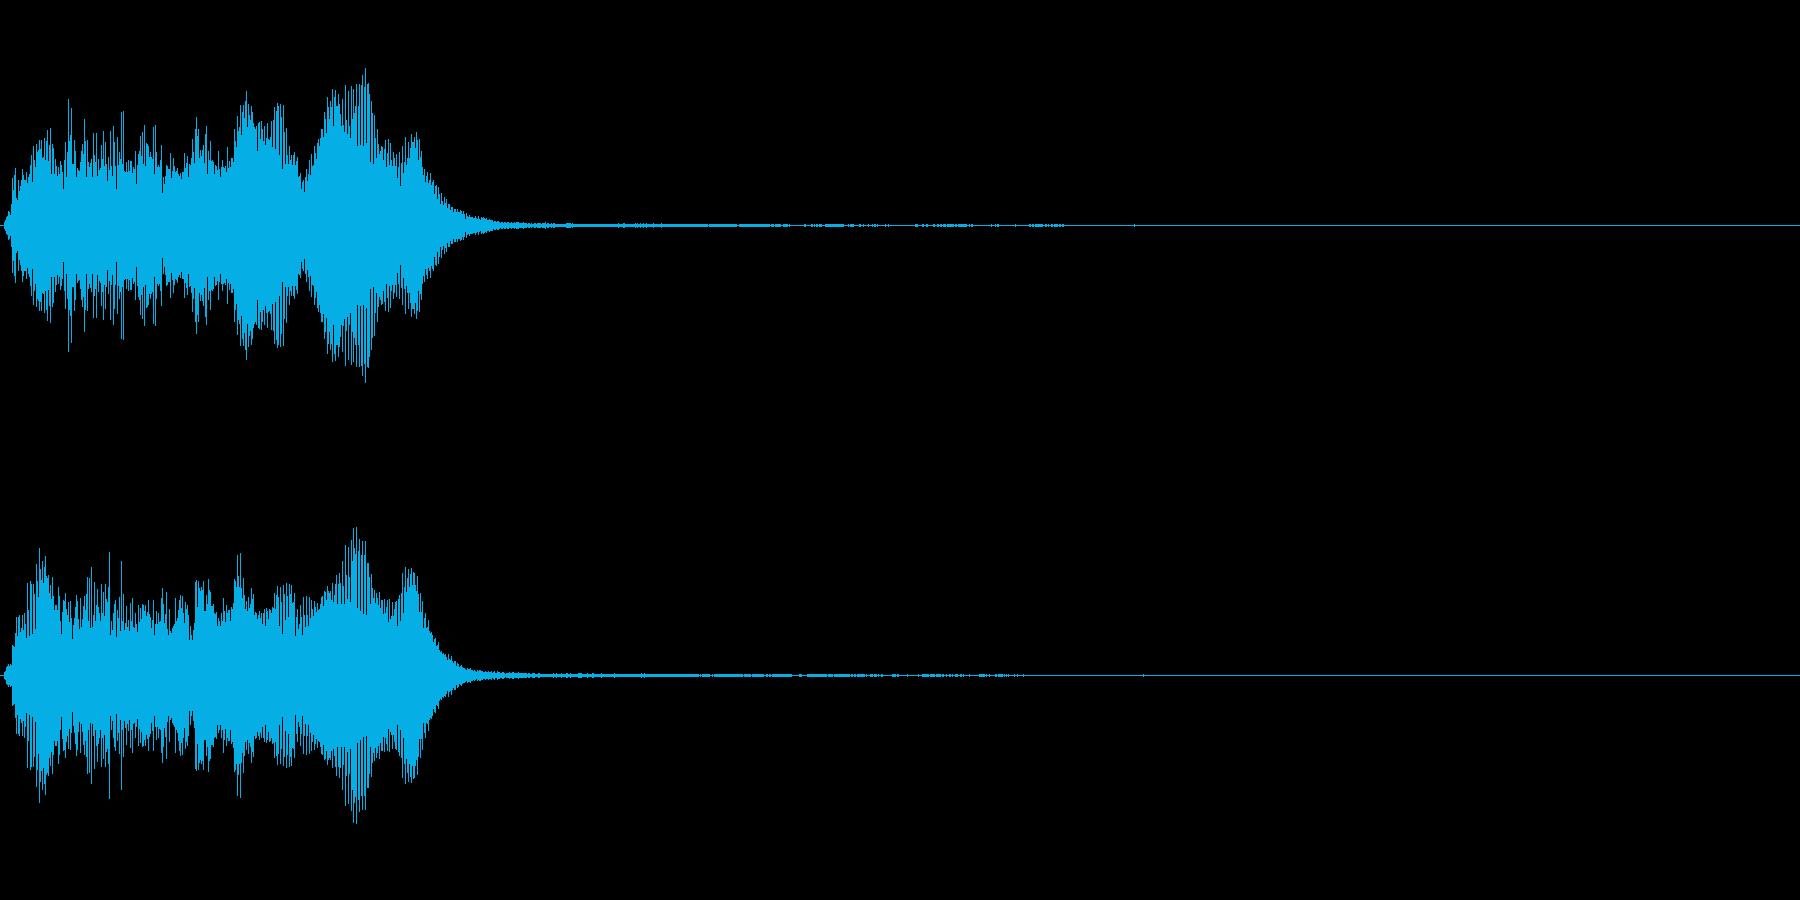 トランペット ファンファーレ 定番 1の再生済みの波形